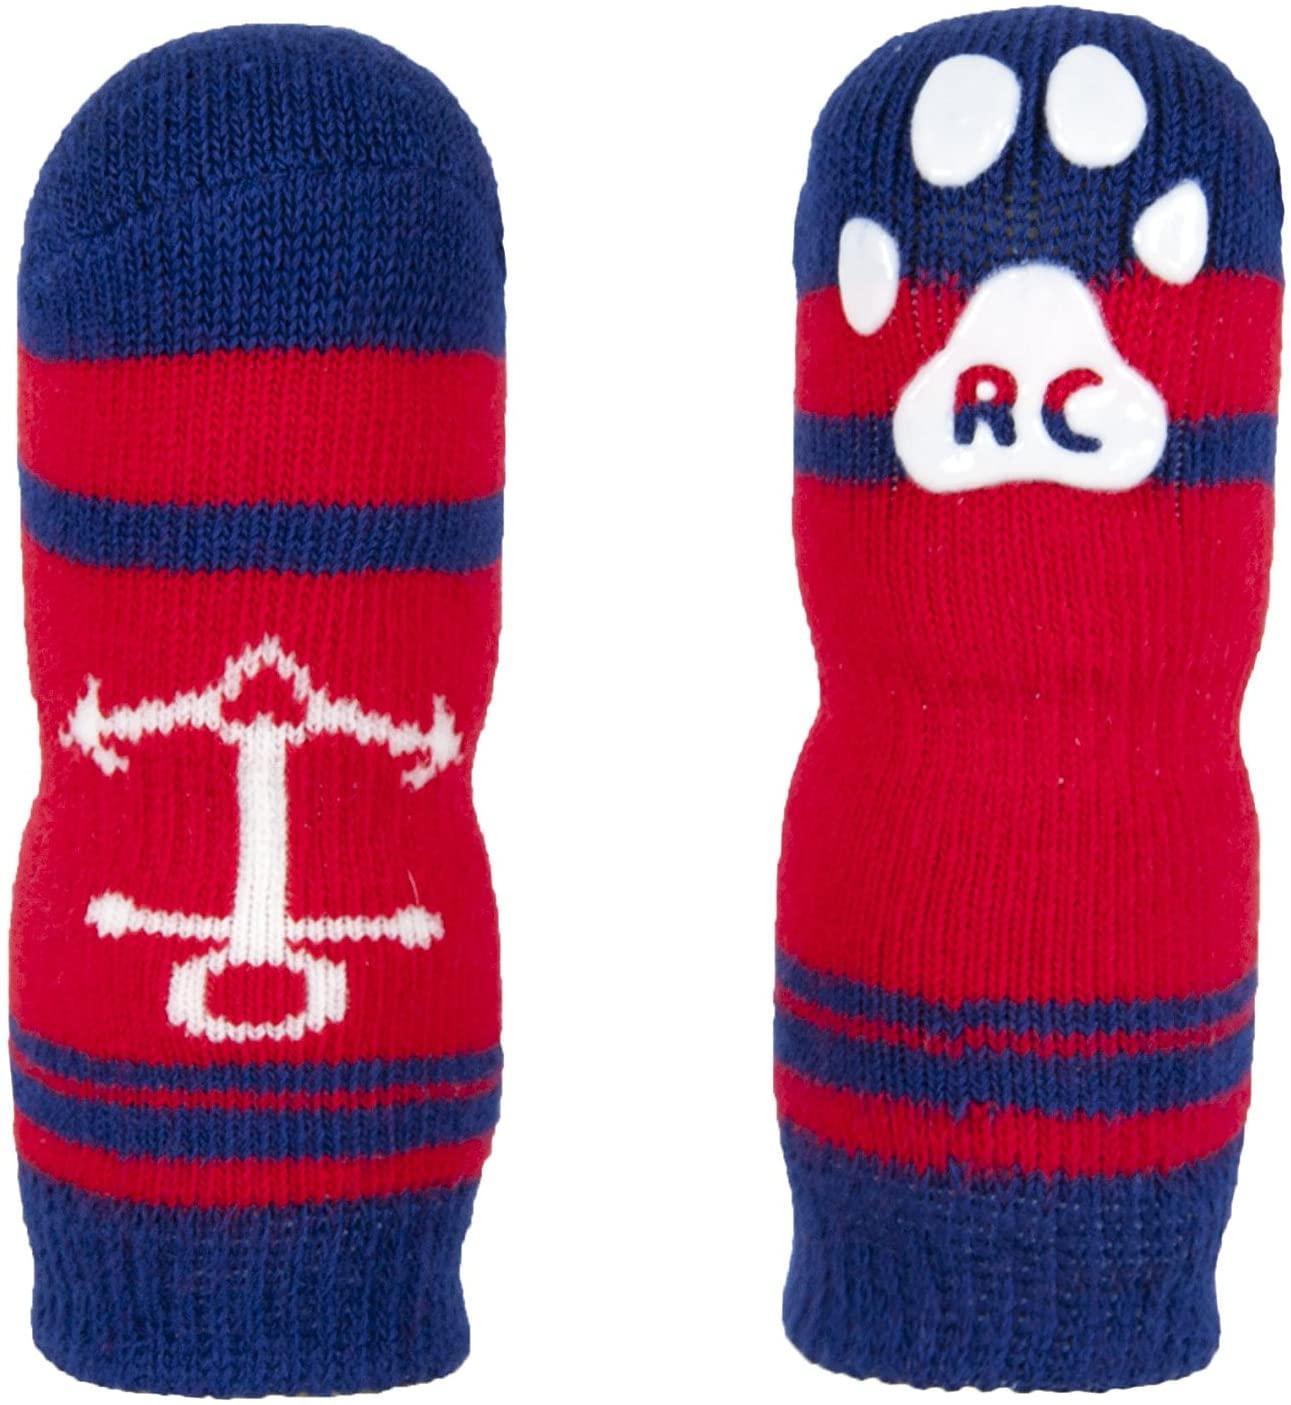 RC Pet Products Pawks Dog Socks, Nautical, X-Large